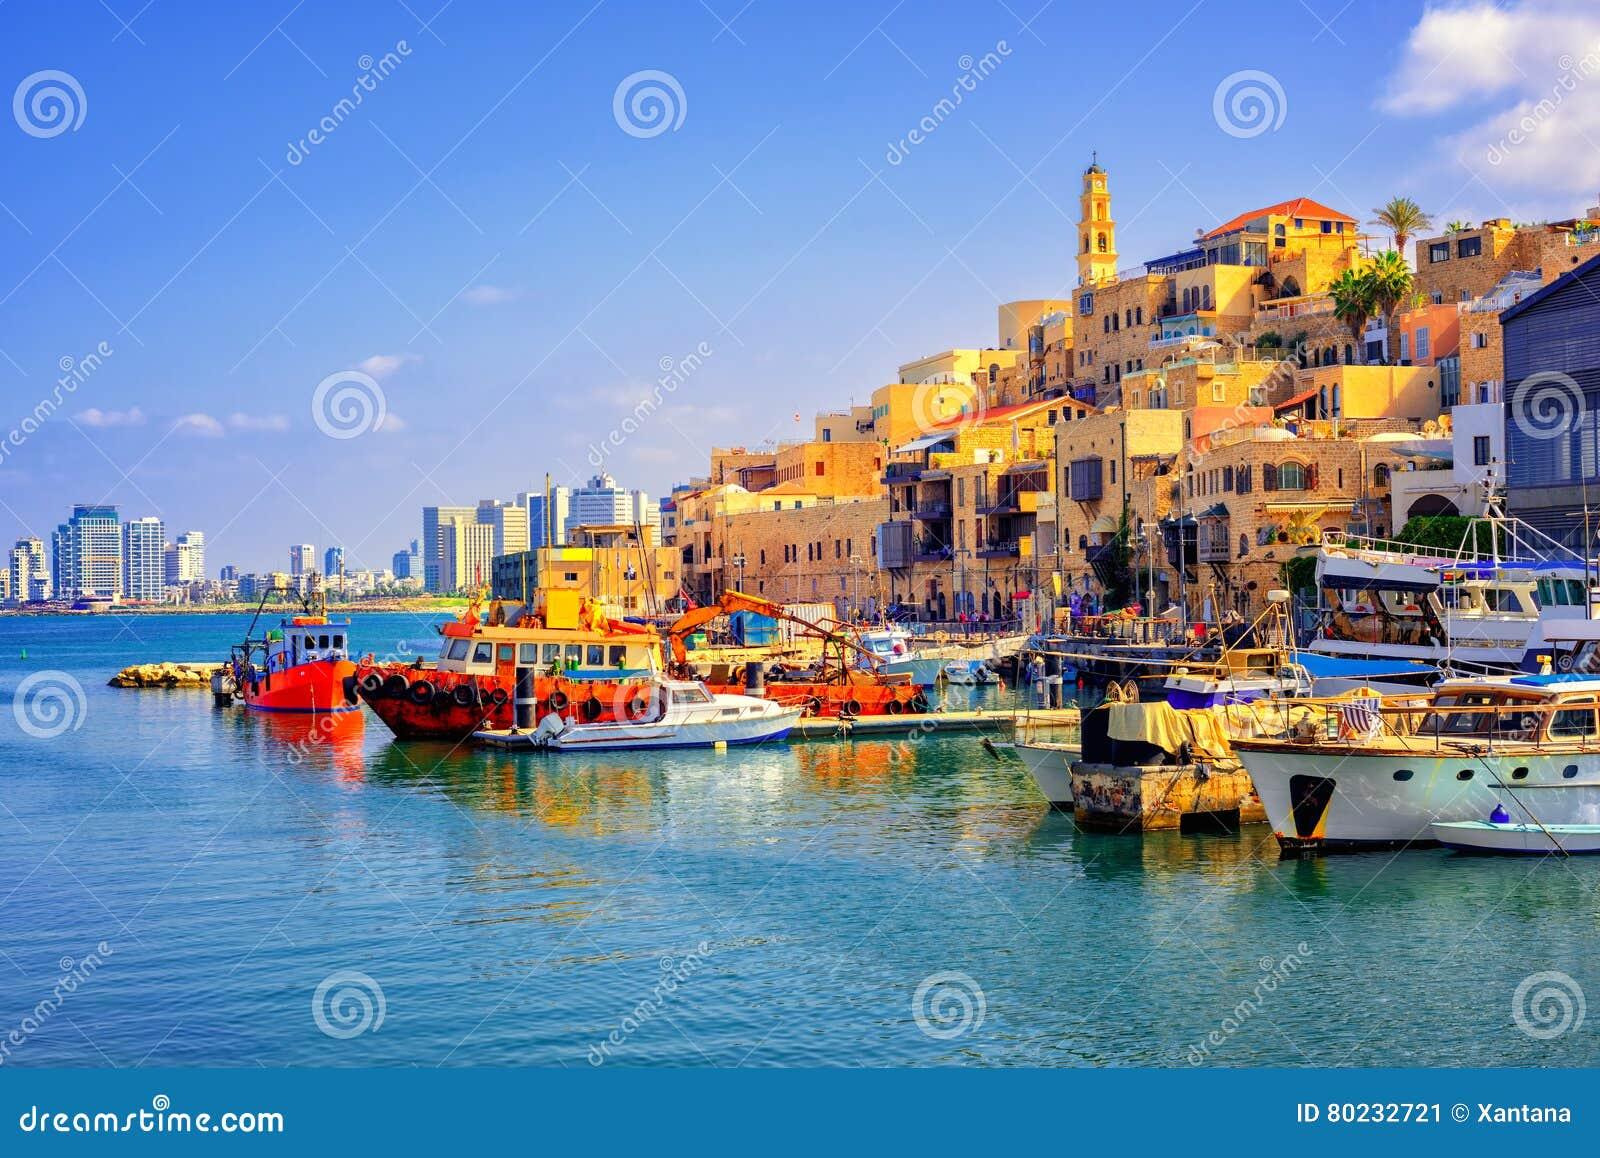 Vieux ville et port ville de Jaffa, Tel Aviv, Israël